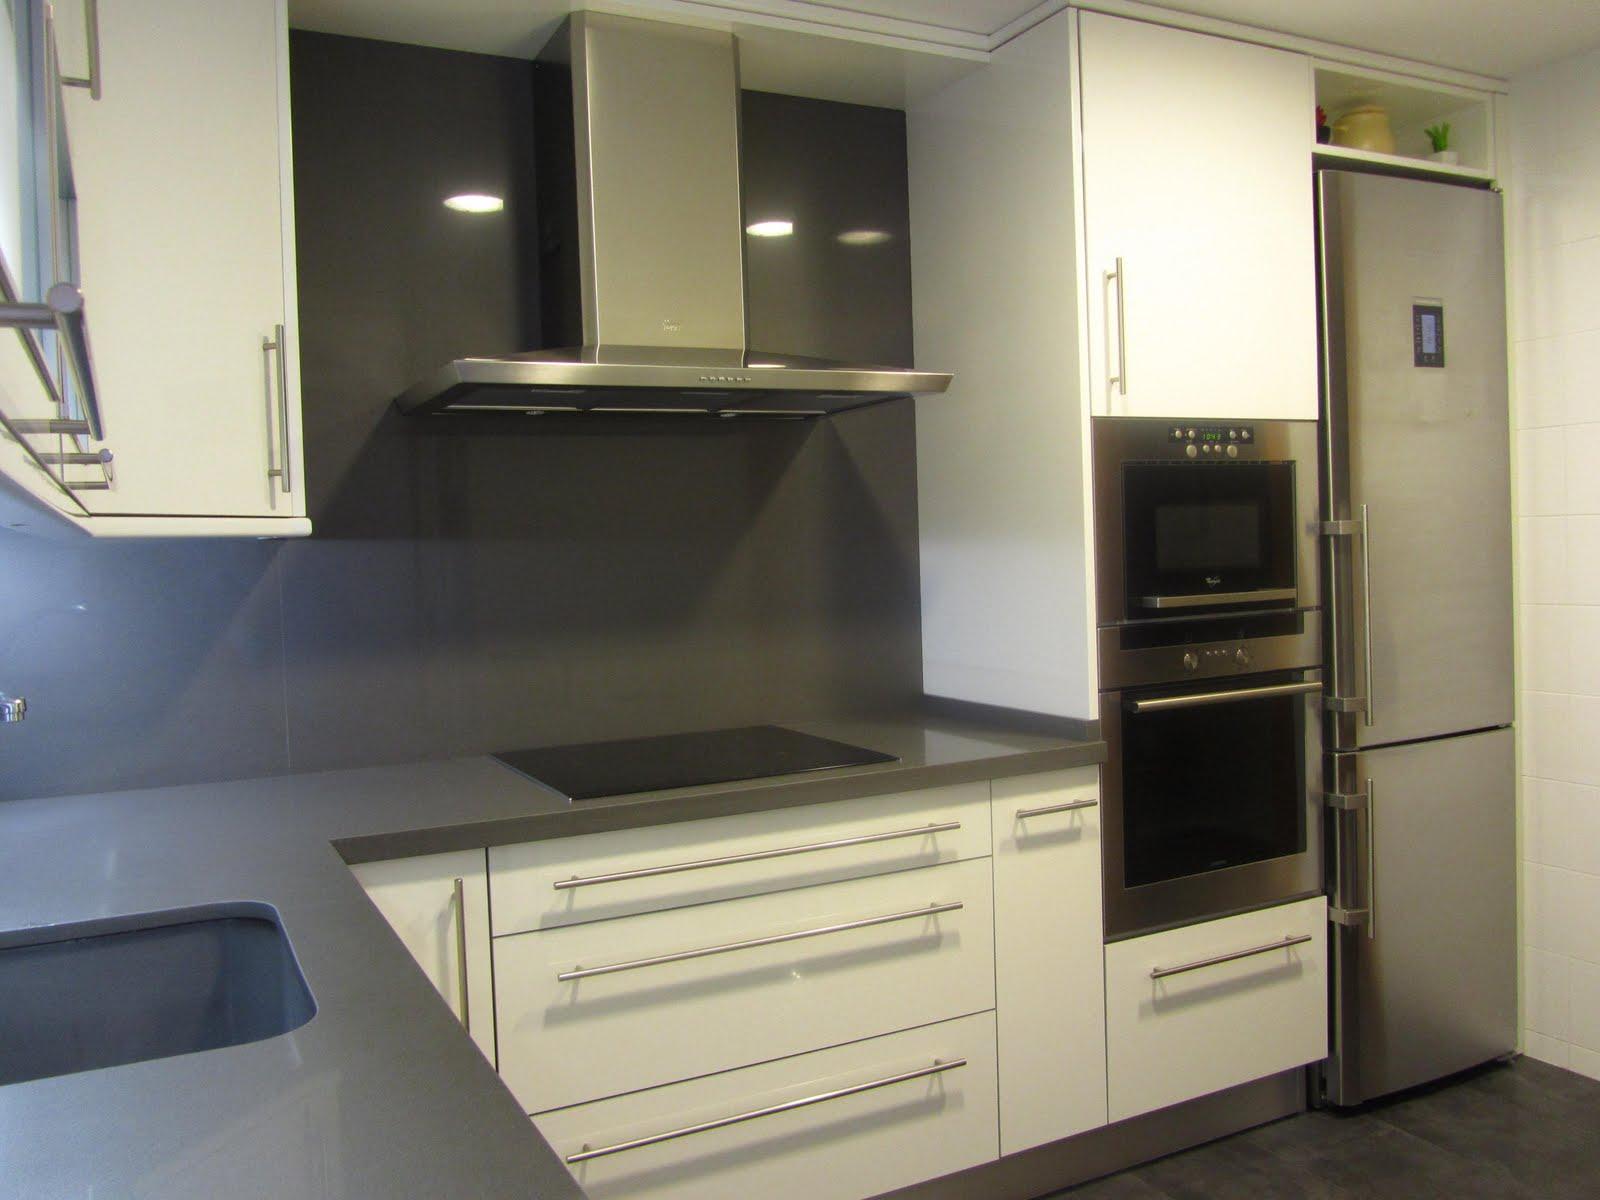 Reuscuina cocina formica blanca con silestone gris oscuro - Cocinas blancas y gris ...